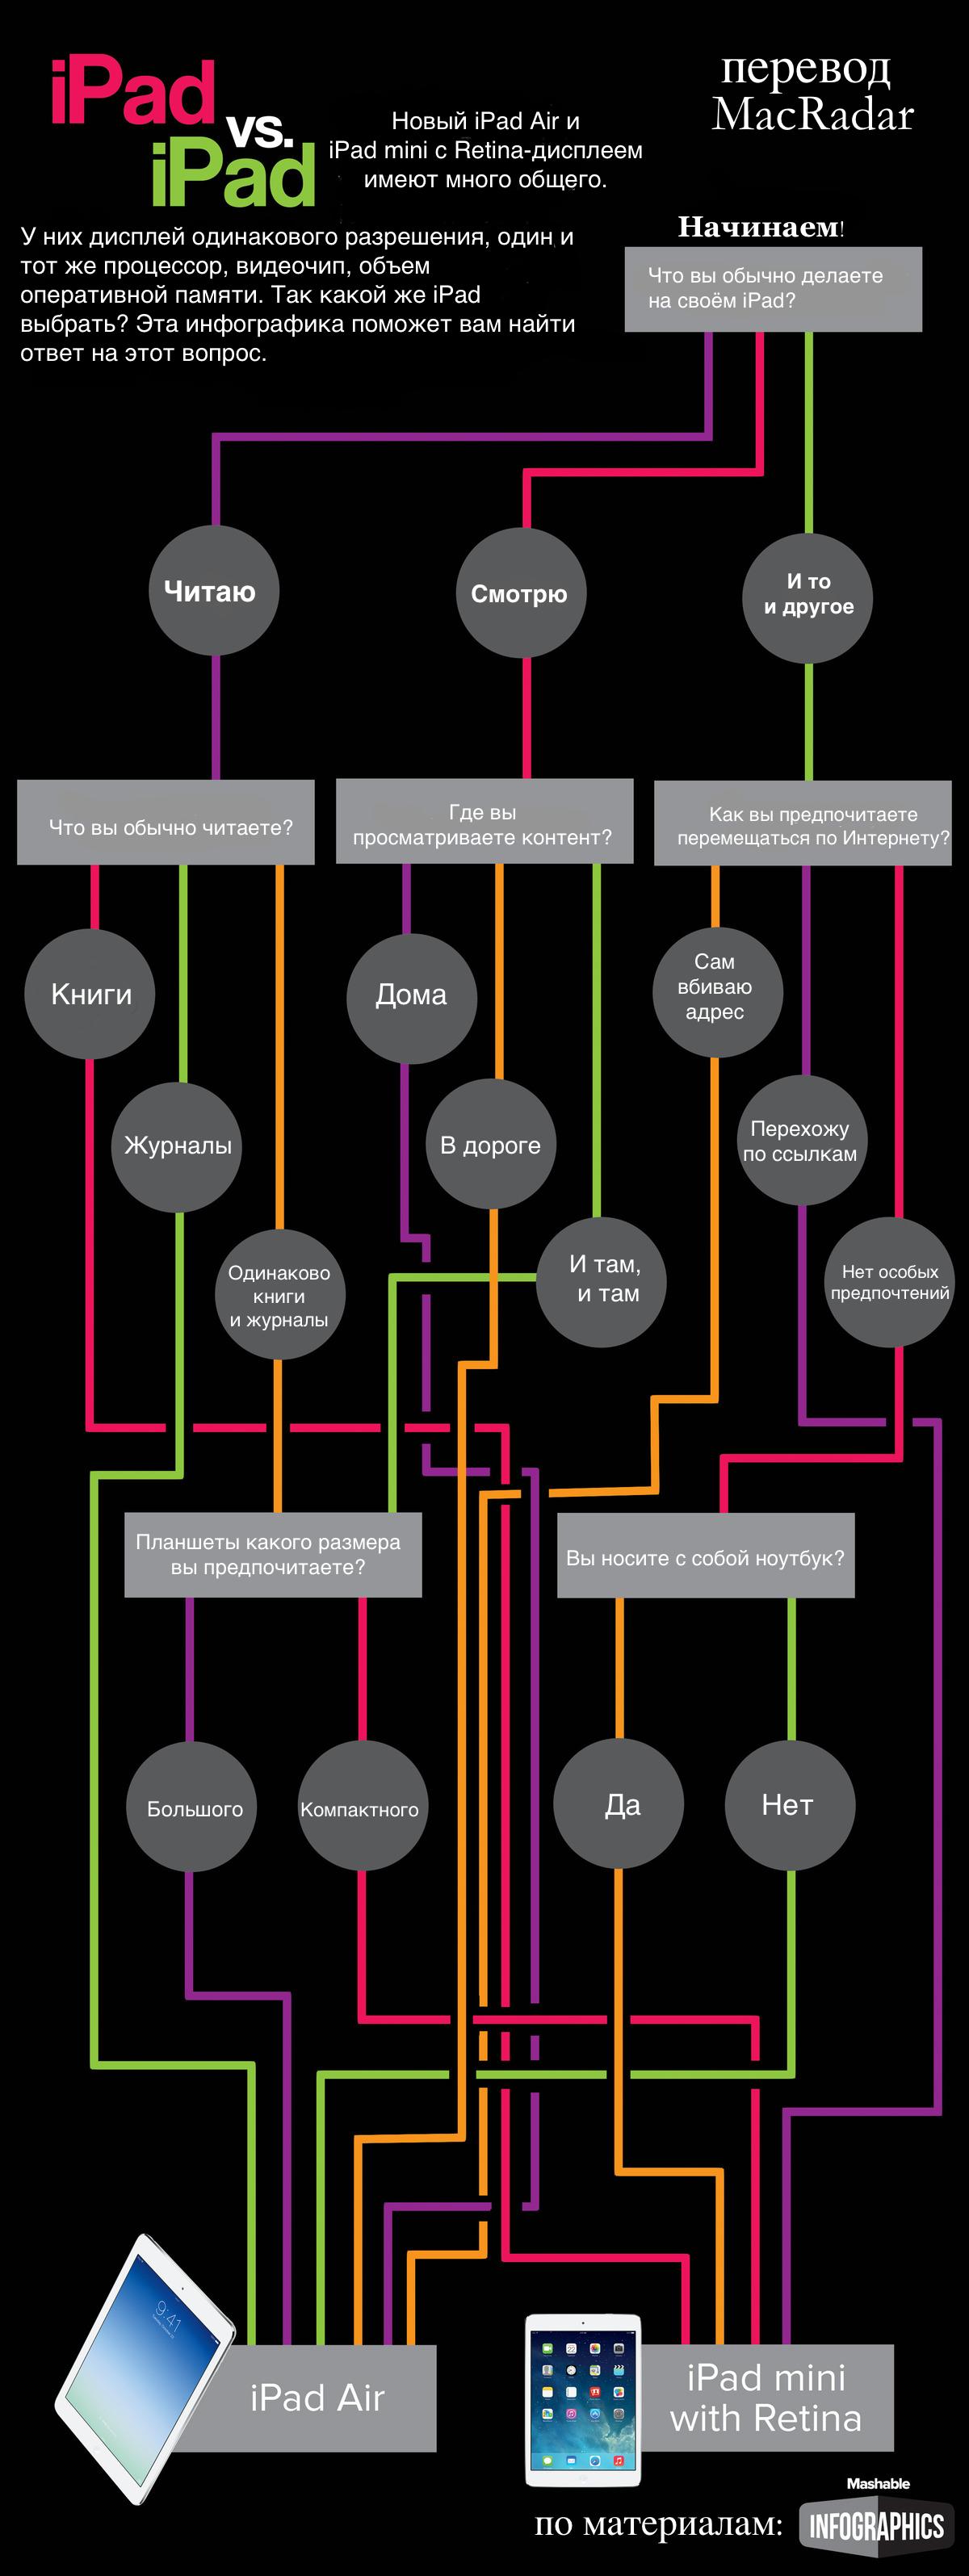 Что выбрать: iPad Air или iPad mini Retina? (инфографика + опрос)